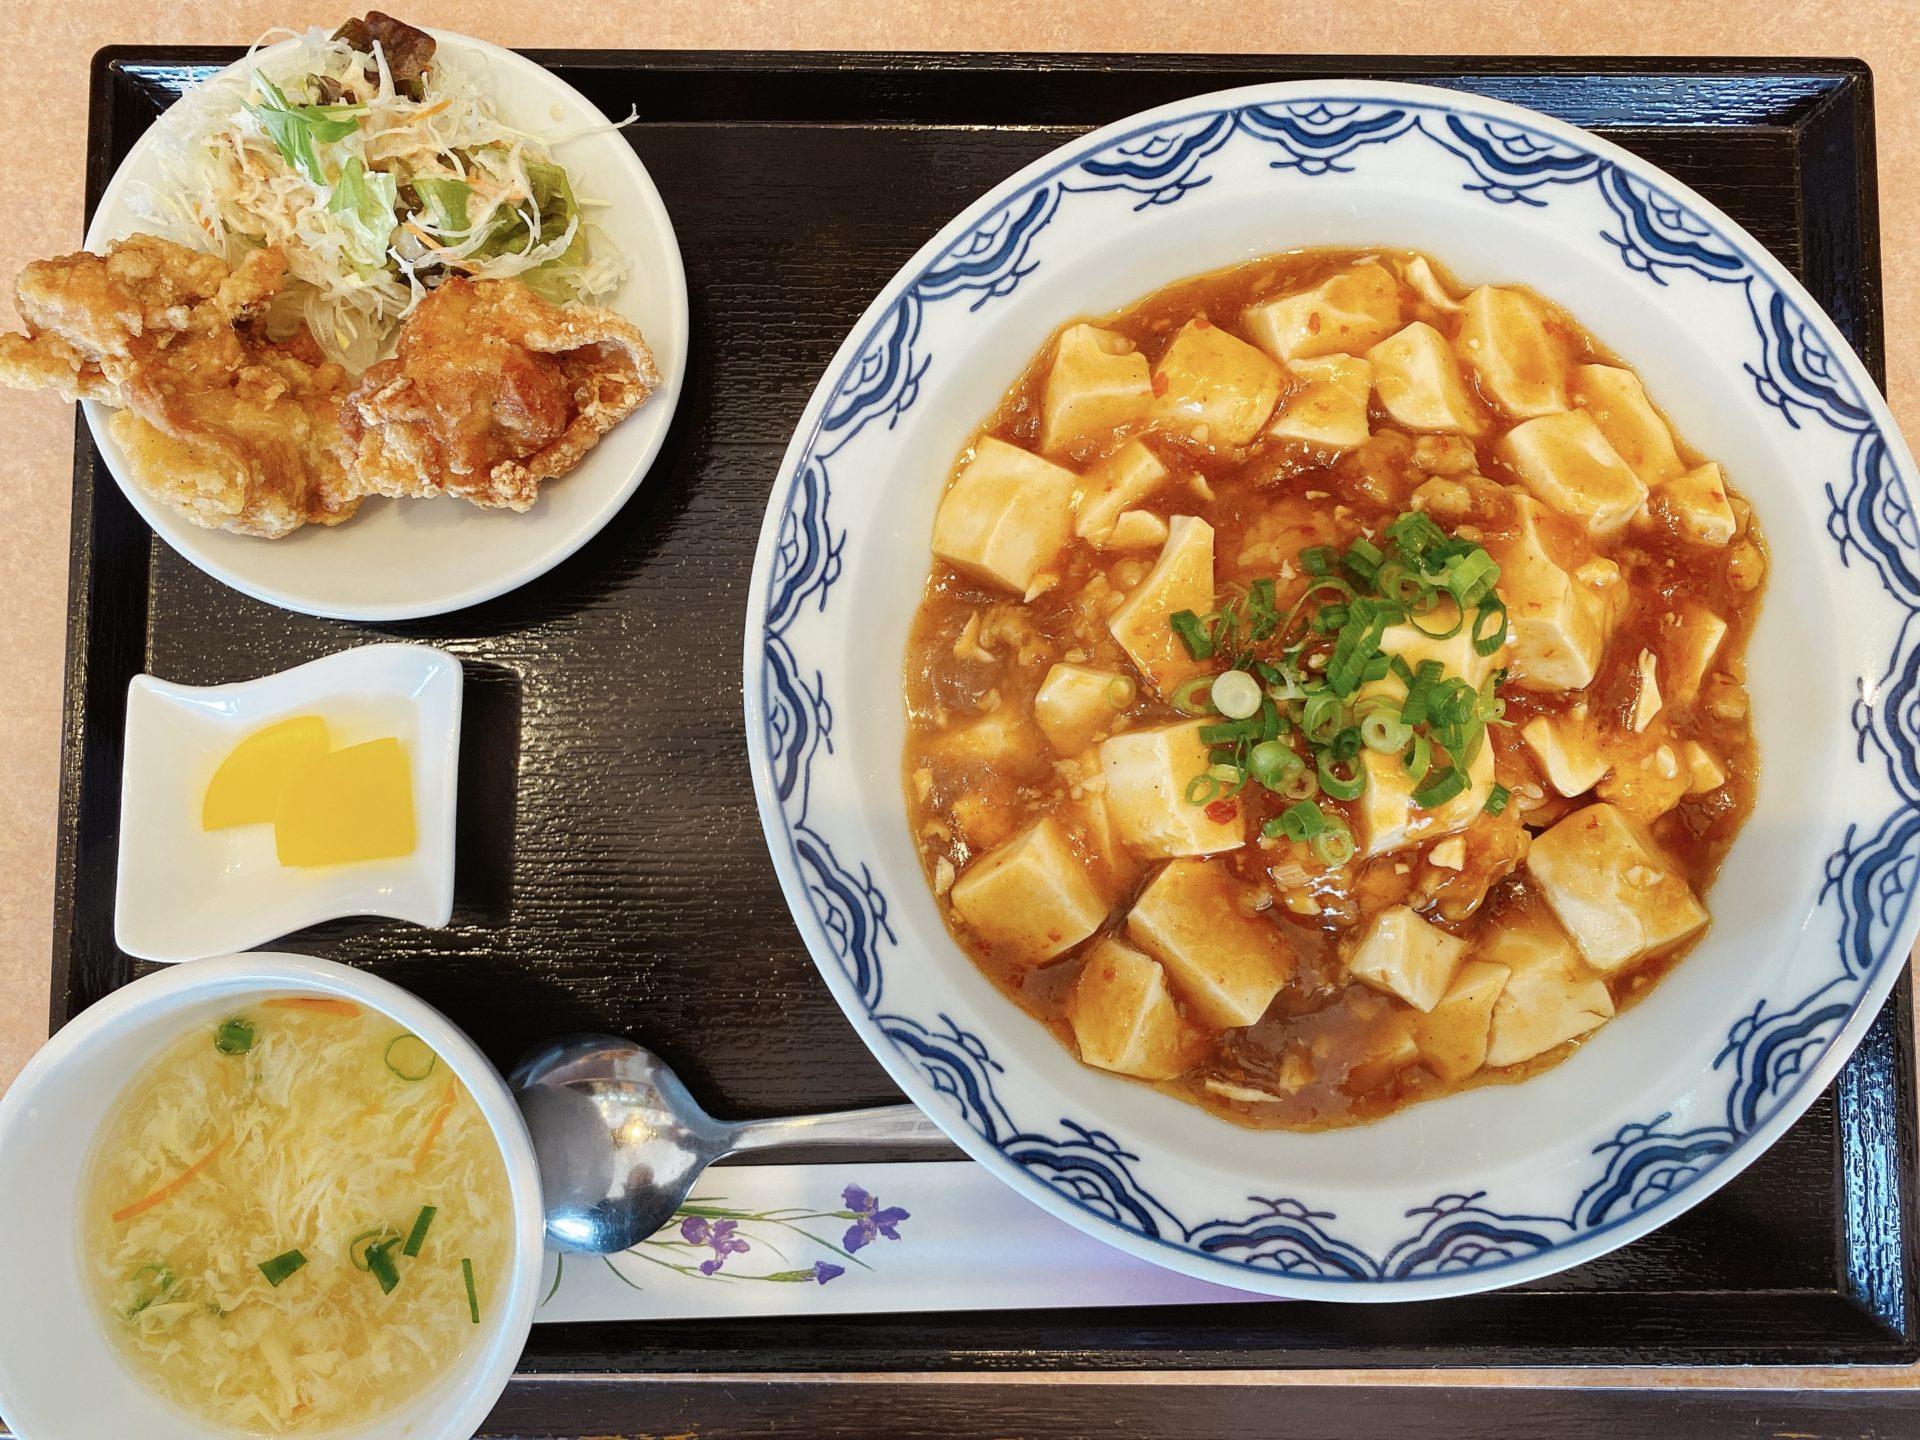 庭瀬駅から車で3分 中華料理【友家(ゆうや)】で初ランチ!麻婆豆腐と四川担々麺・炒飯のセットで悩んだ結果・・・・